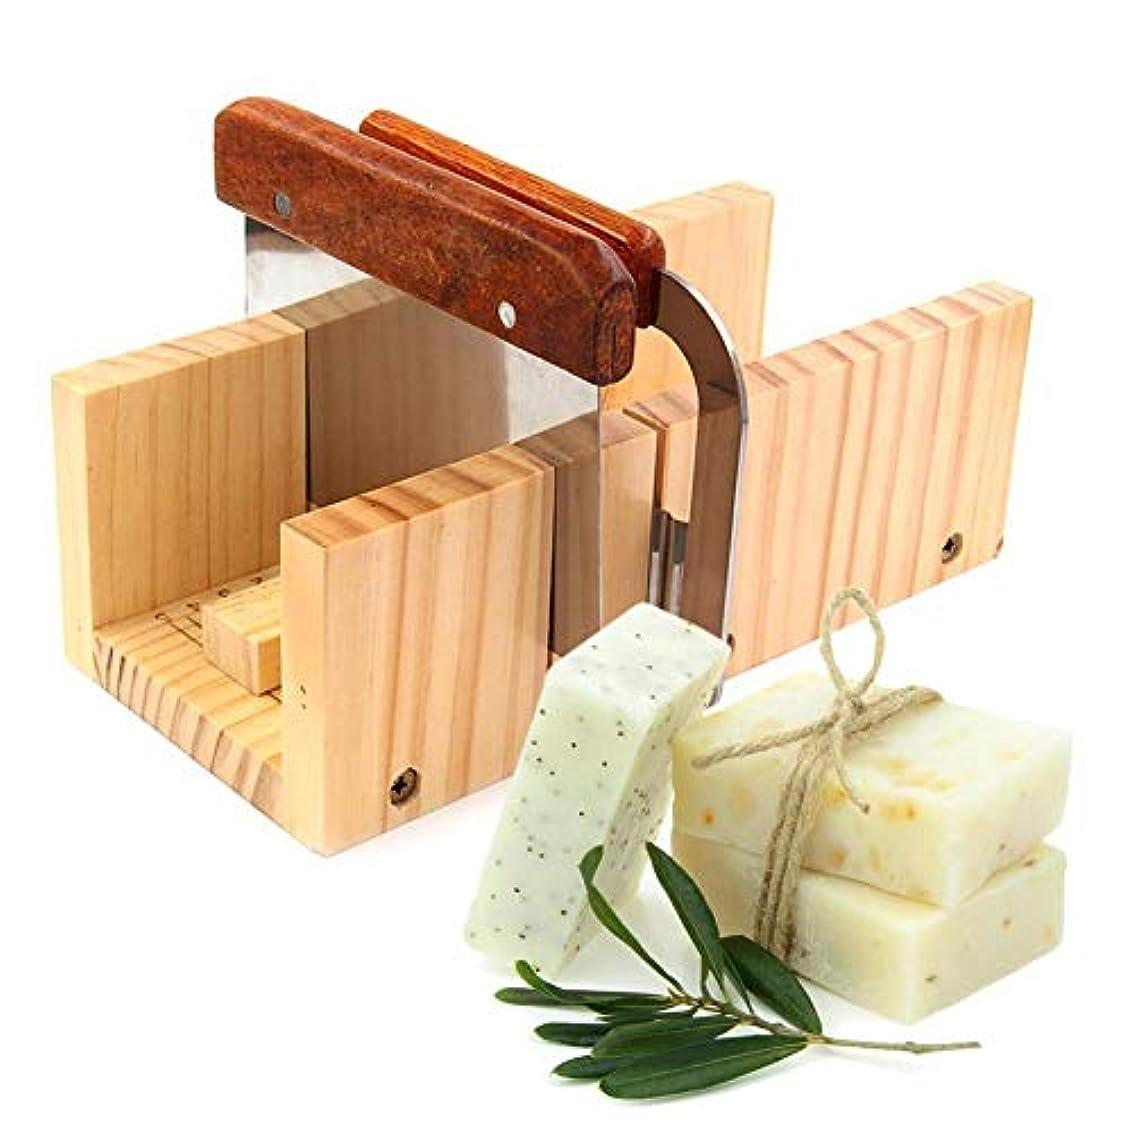 委任する芝生脊椎Ragem ソープカッター 手作り石鹸金型 木製 ローフカッターボックス 調整可能 多機能ソープ切削工具 ストレートプレーニングツール